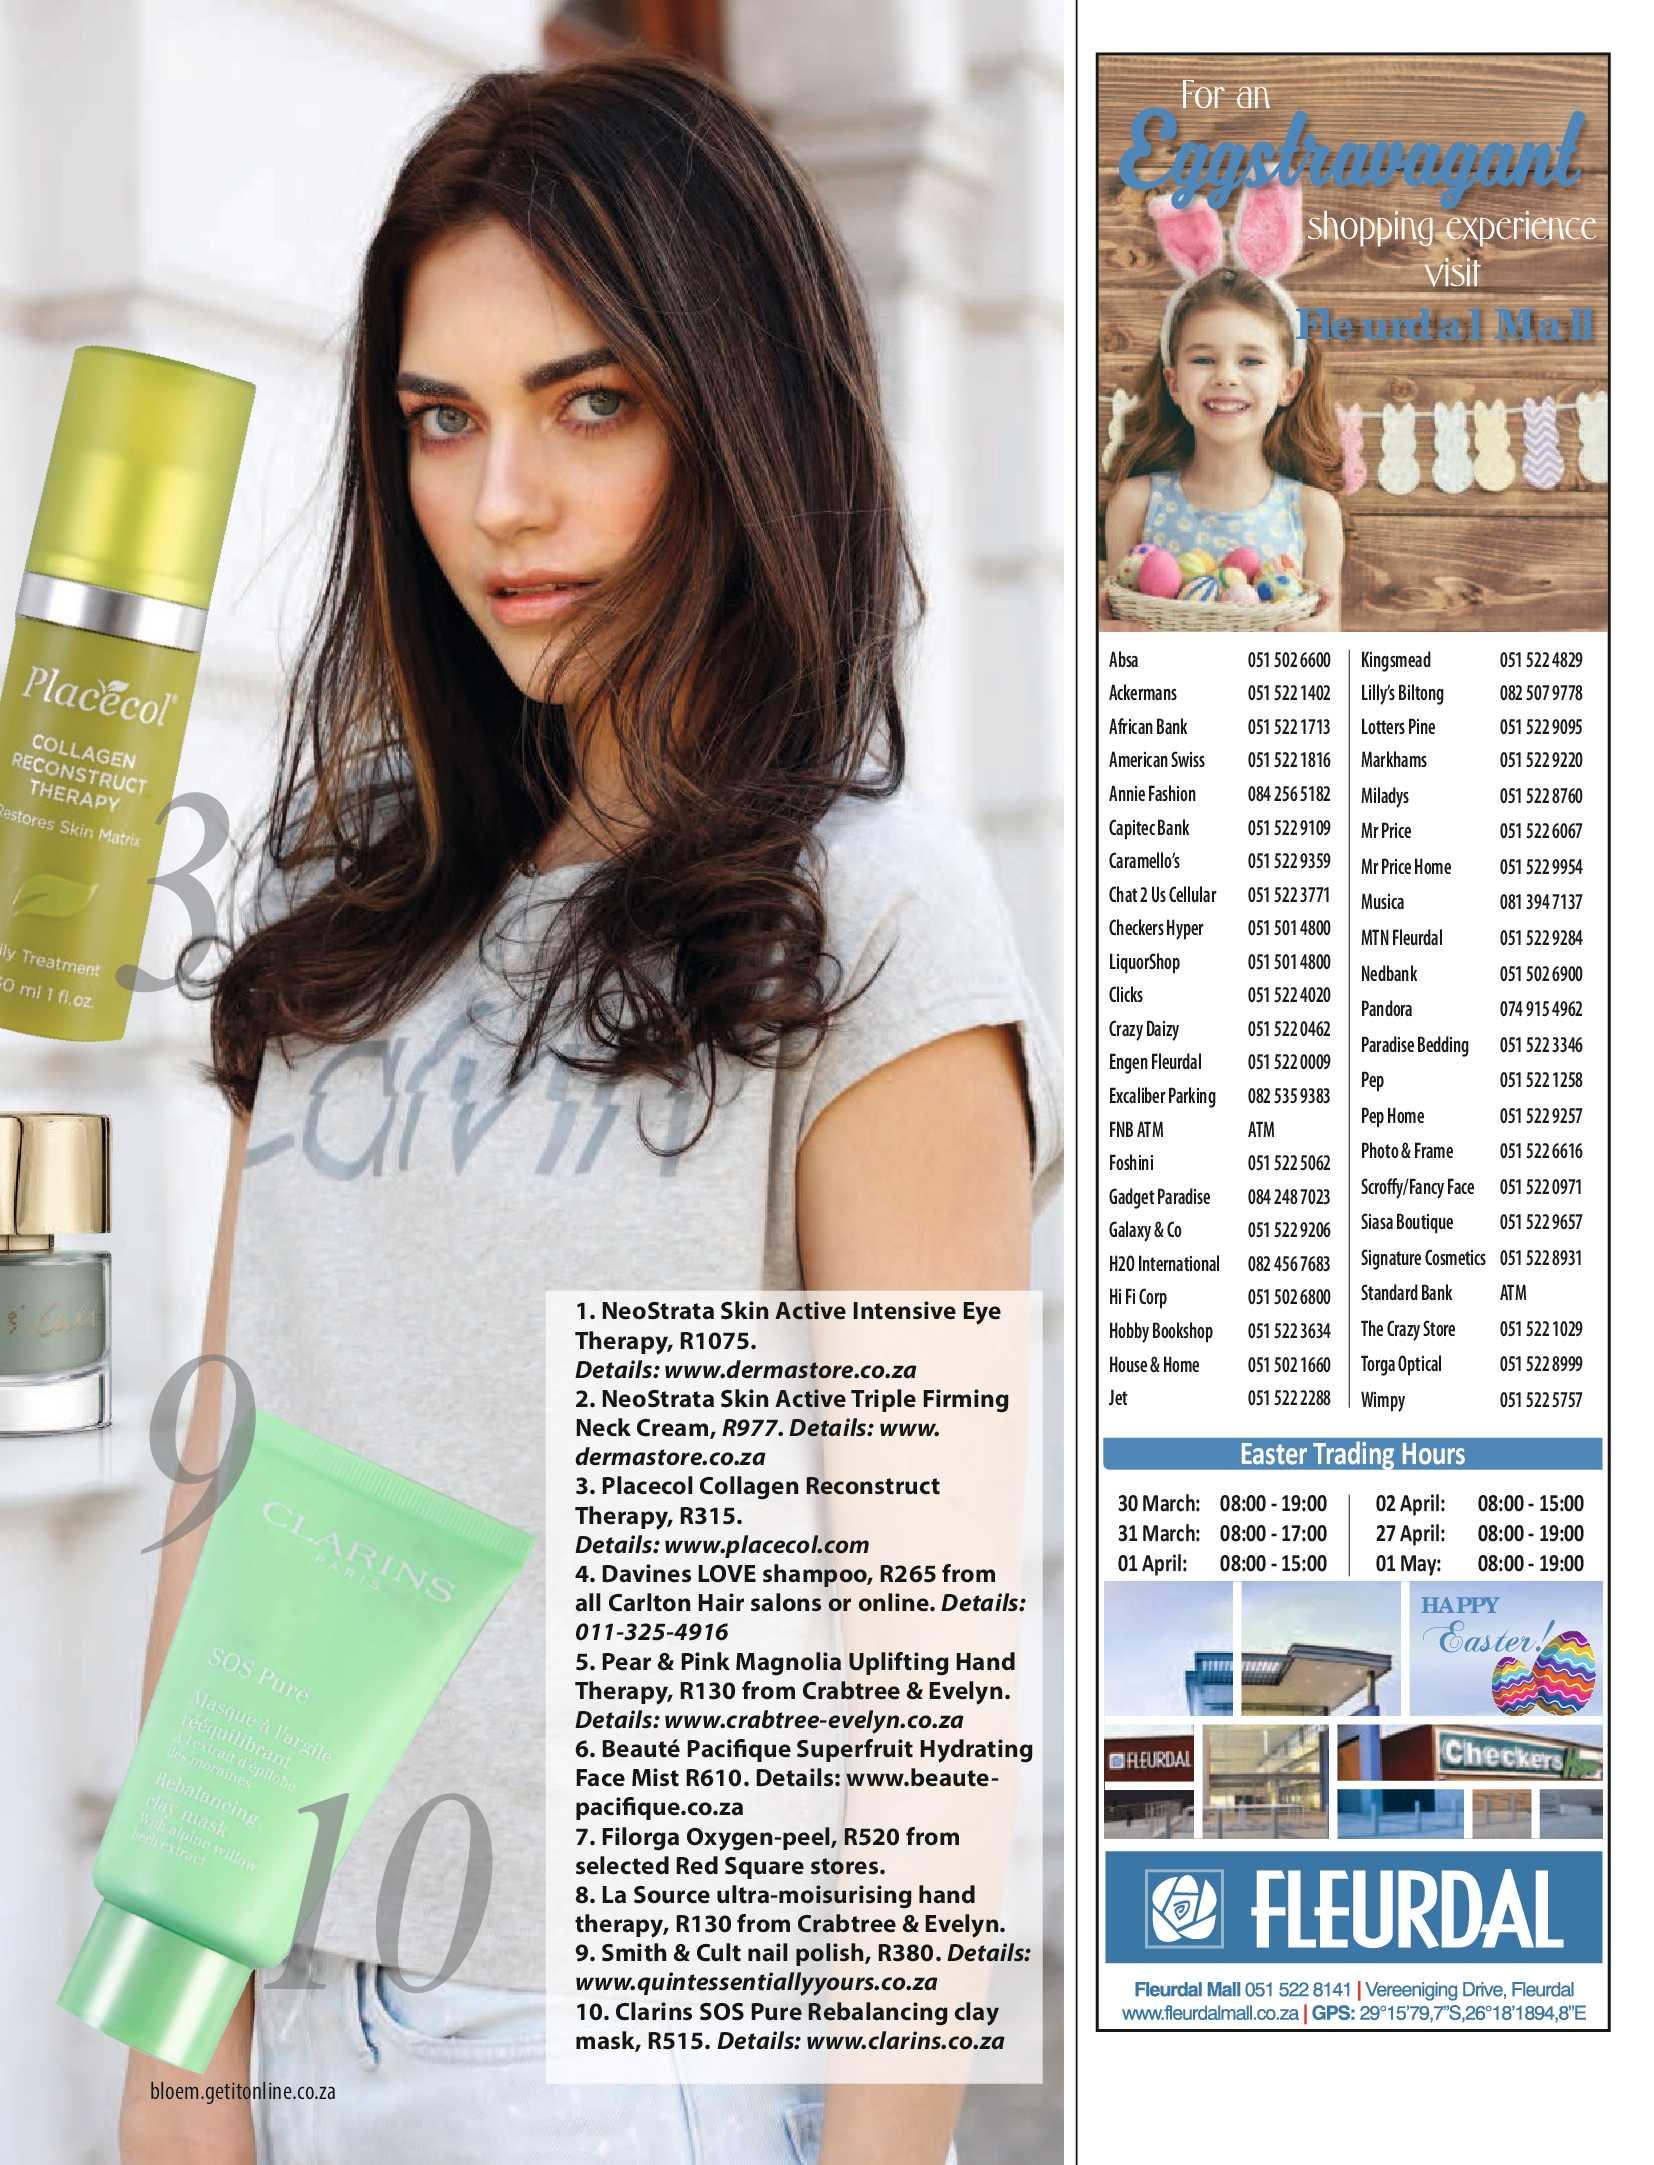 bloemfontein-get-april-epapers-page-19